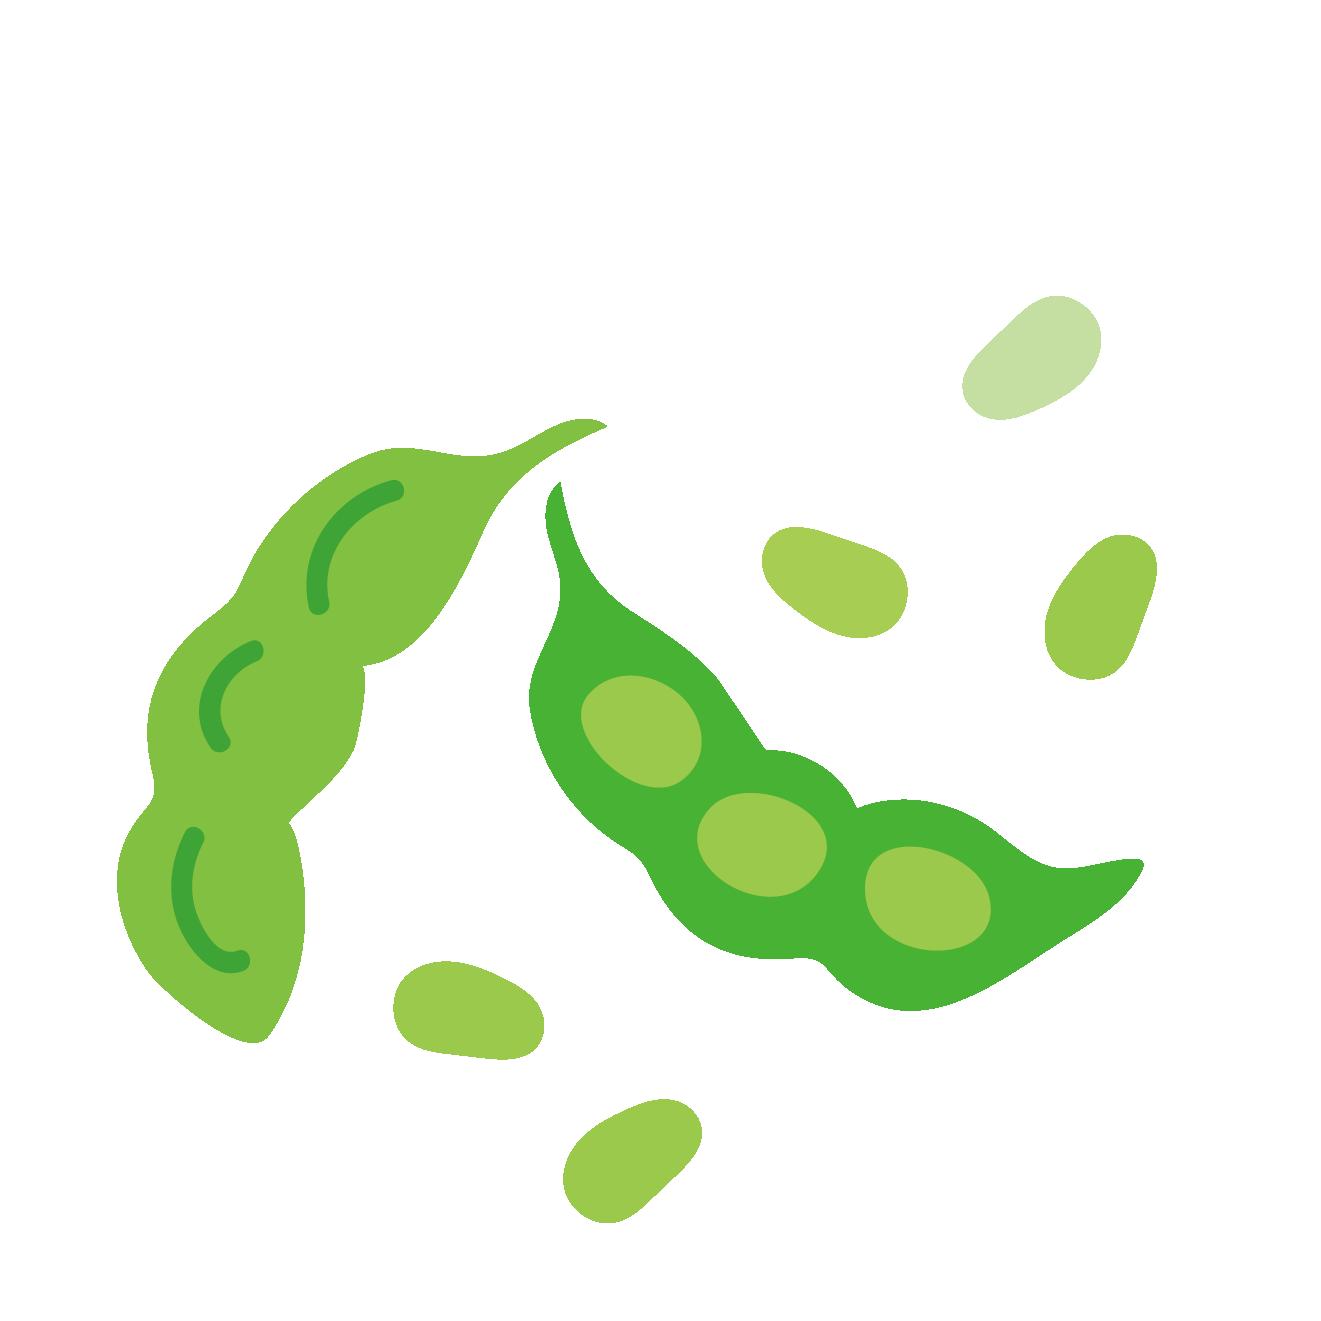 枝豆(えだ豆・エダマメ)おつまみ 野菜のイラスト | 商用フリー(無料)の